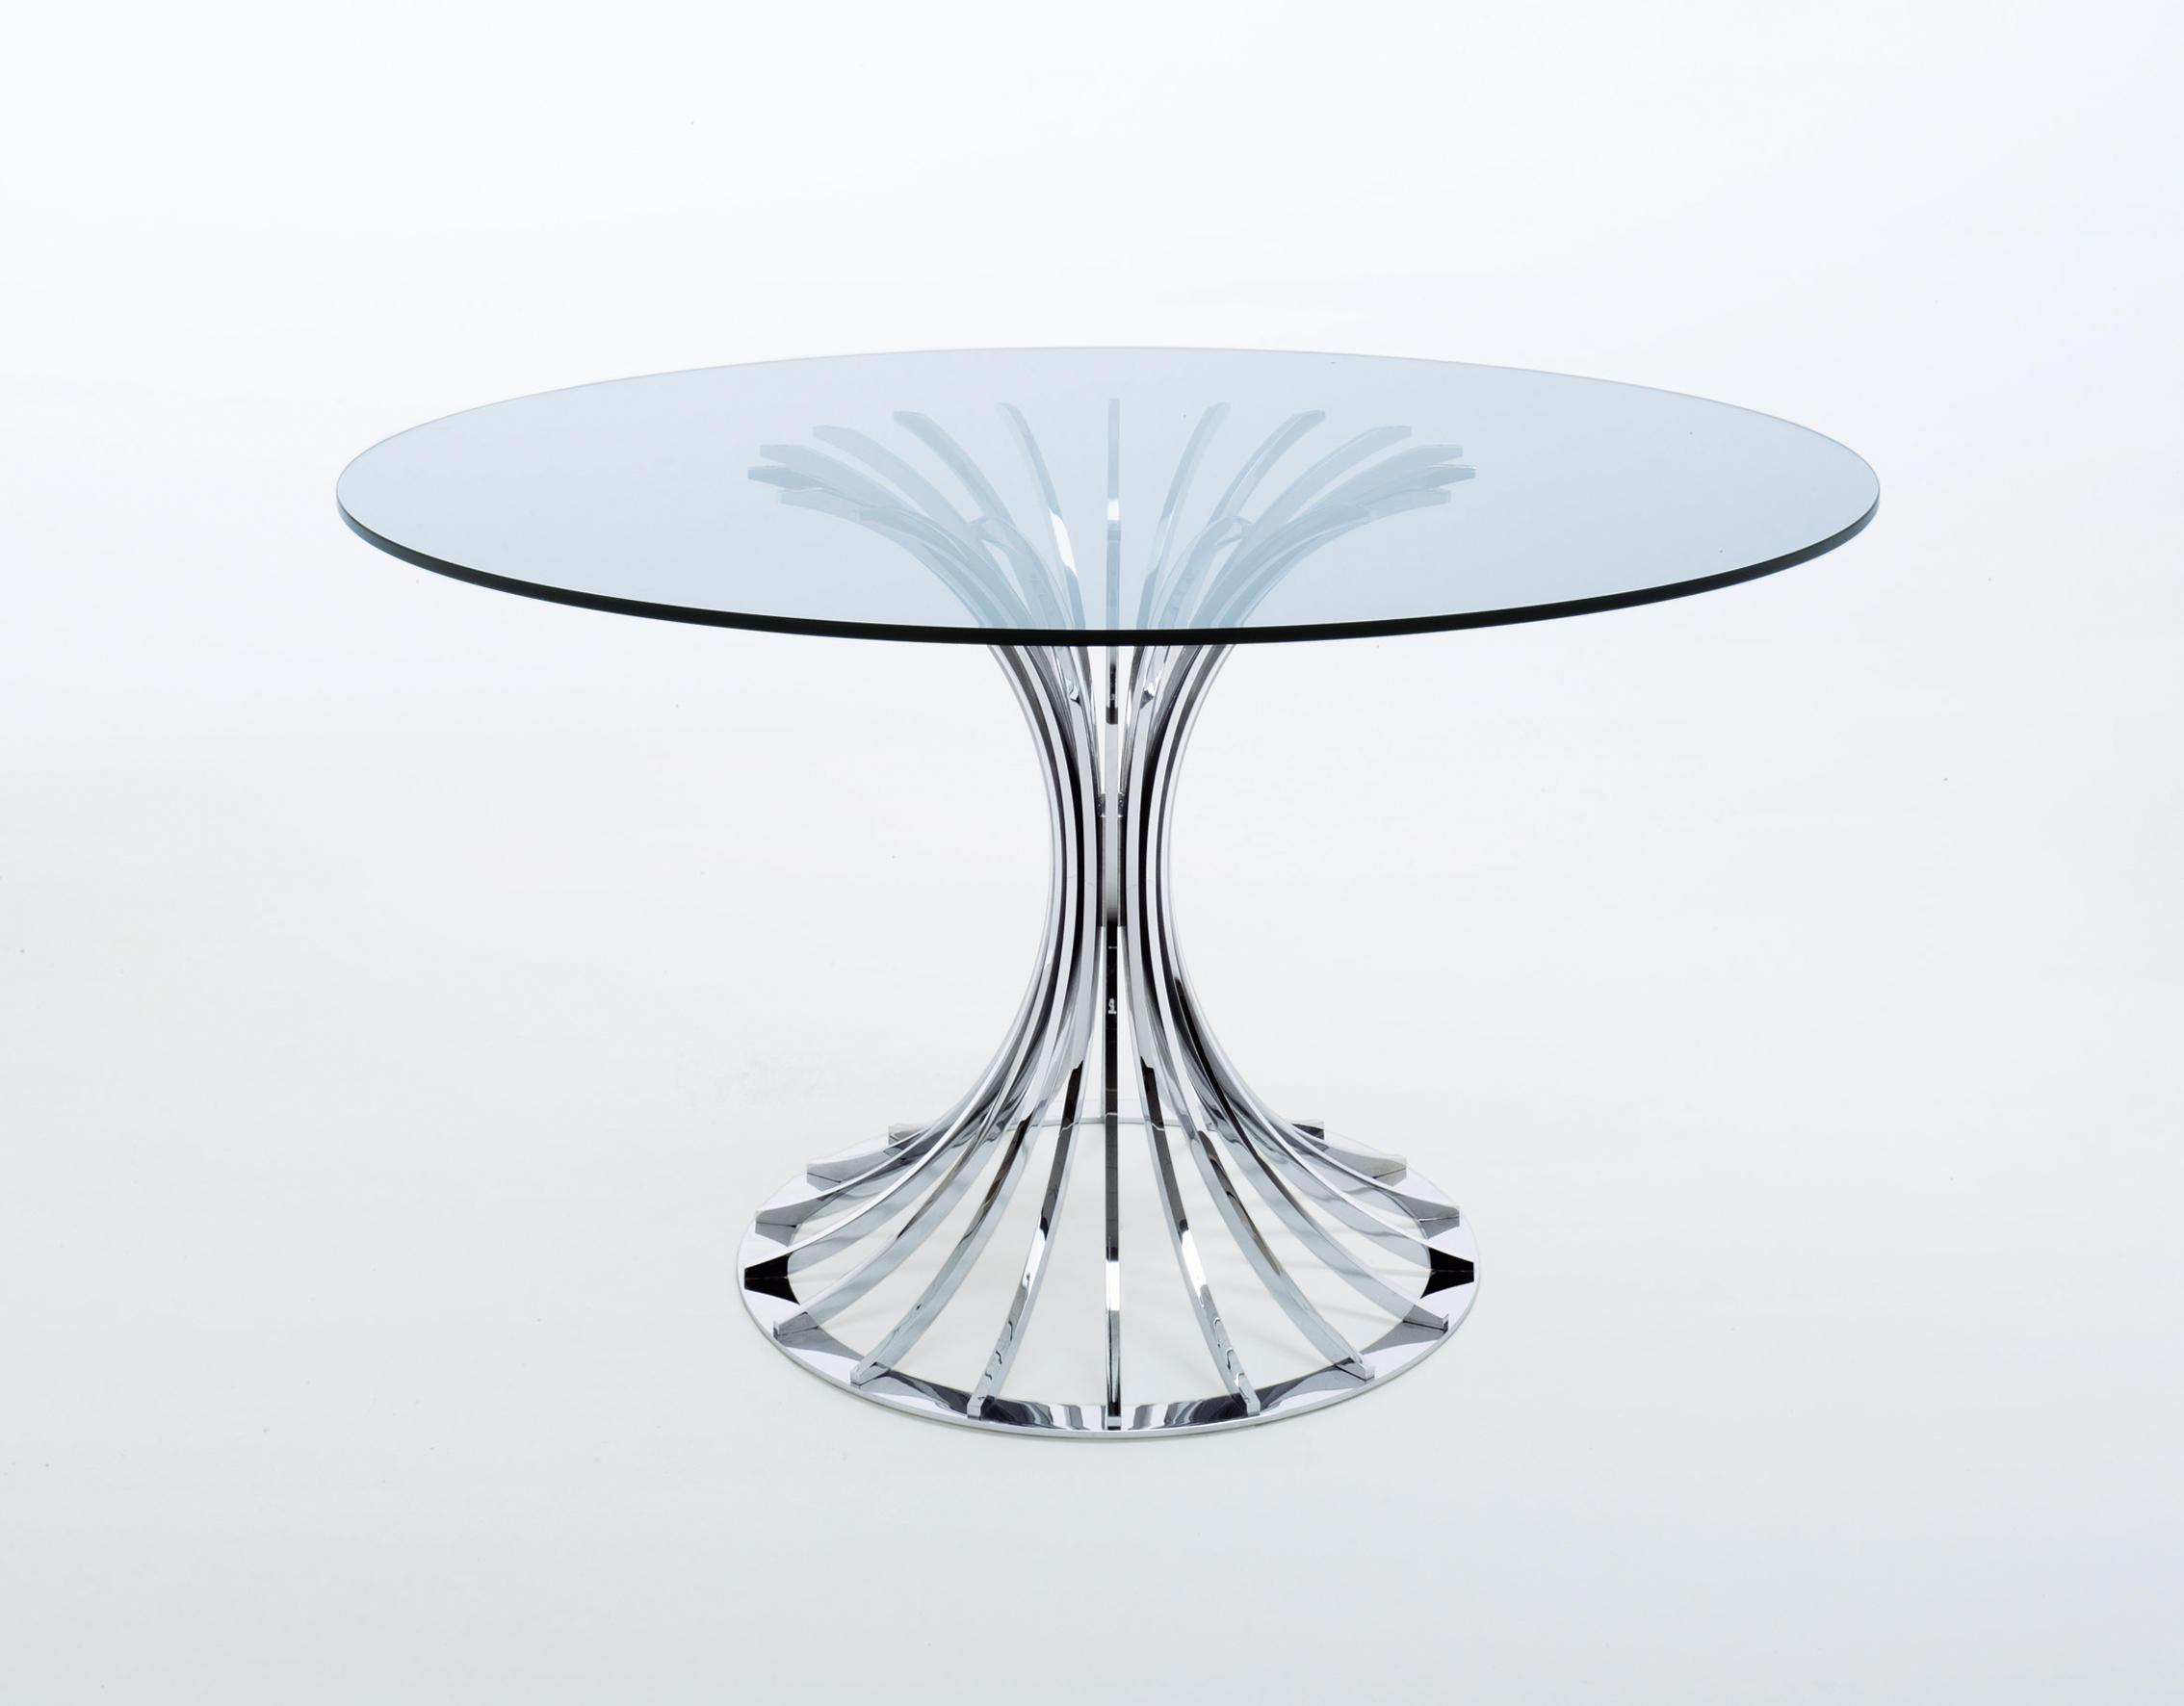 Tavoli Rotondi In Vetro Cristallo.Bellafonte Tavoli Pranzo Misura Emme Architonic